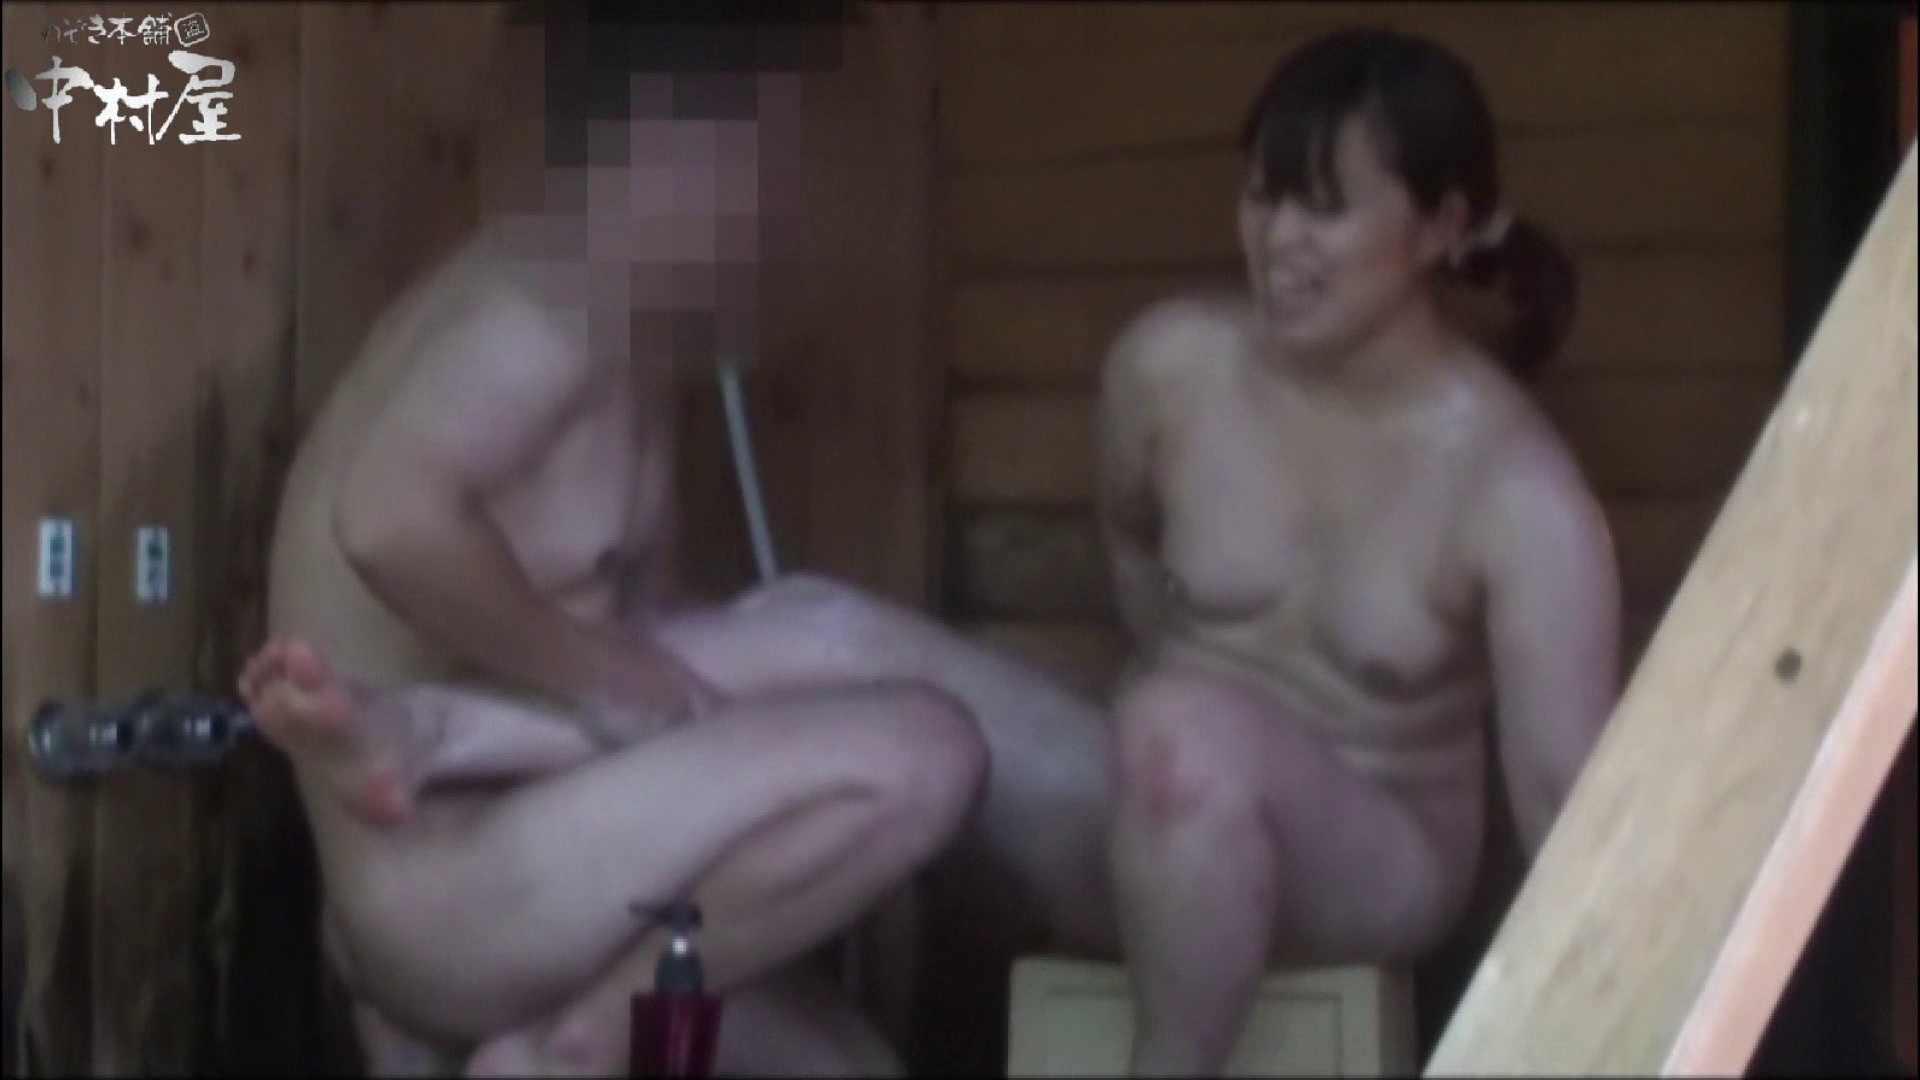 貸切露天 発情カップル! vol.03 OL女体 オマンコ無修正動画無料 82連発 65